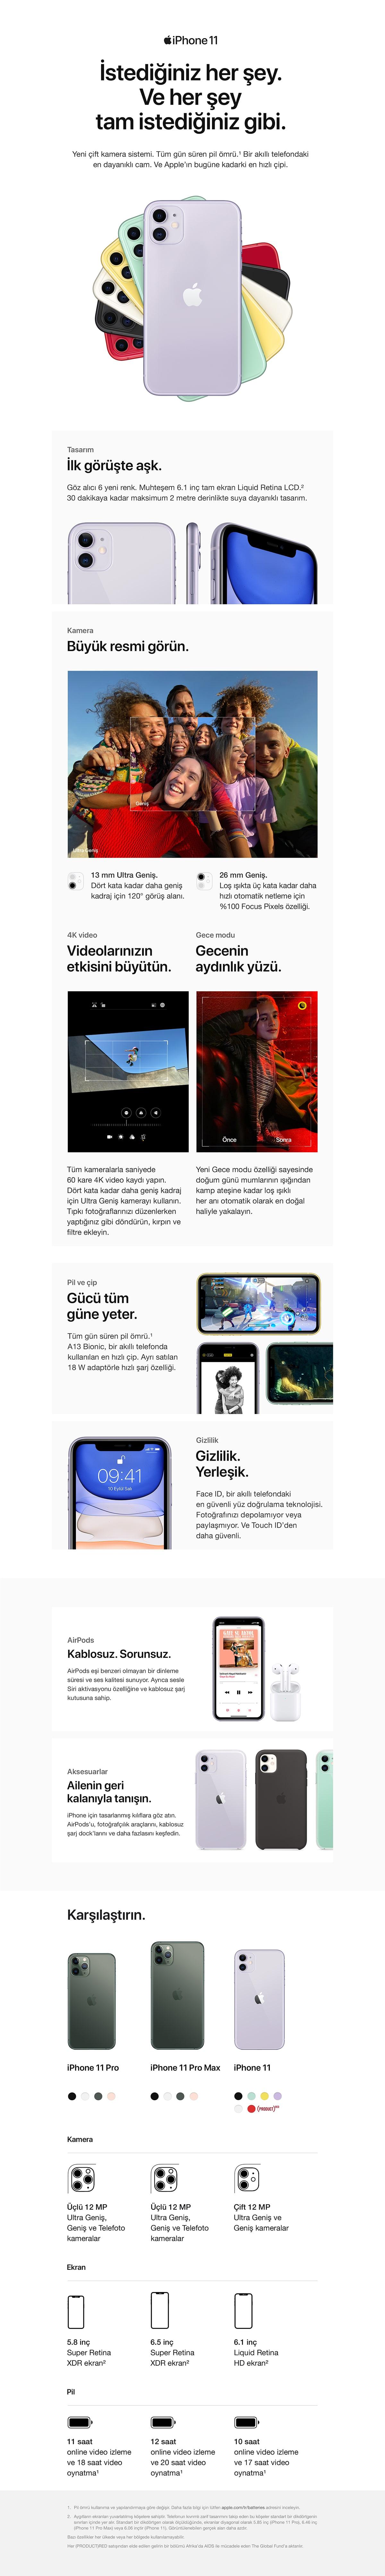 iphone11-tanitim-bati-teknoloji.jpg